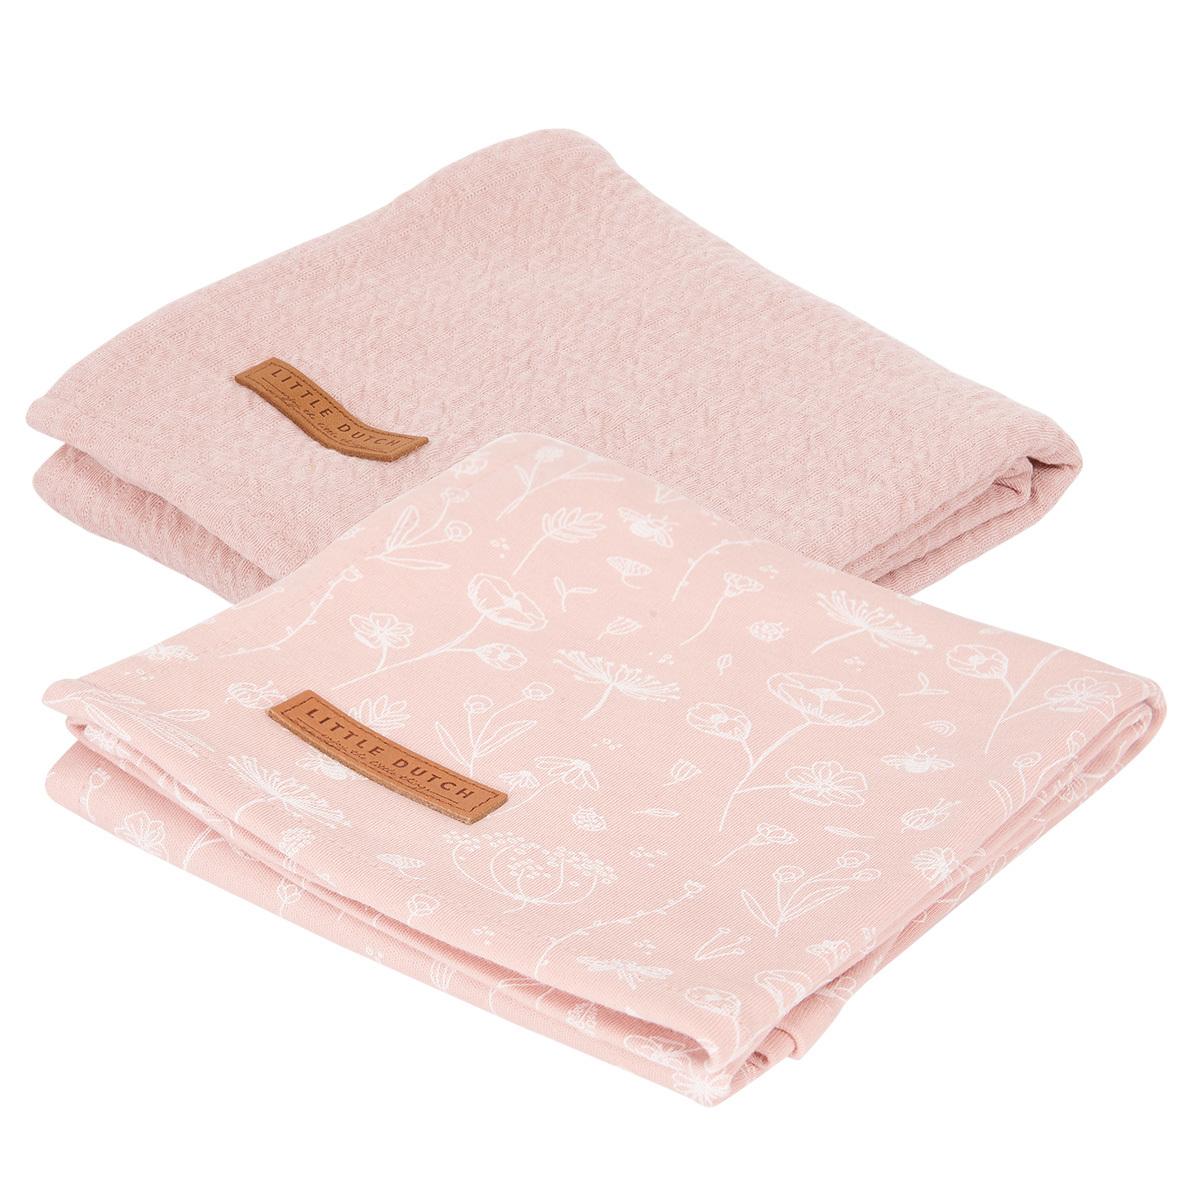 Lange Lot de 2 Langes Wild Flowers & Pure - Pink Lot de 2 Langes Wild Flowers & Pure - Pink